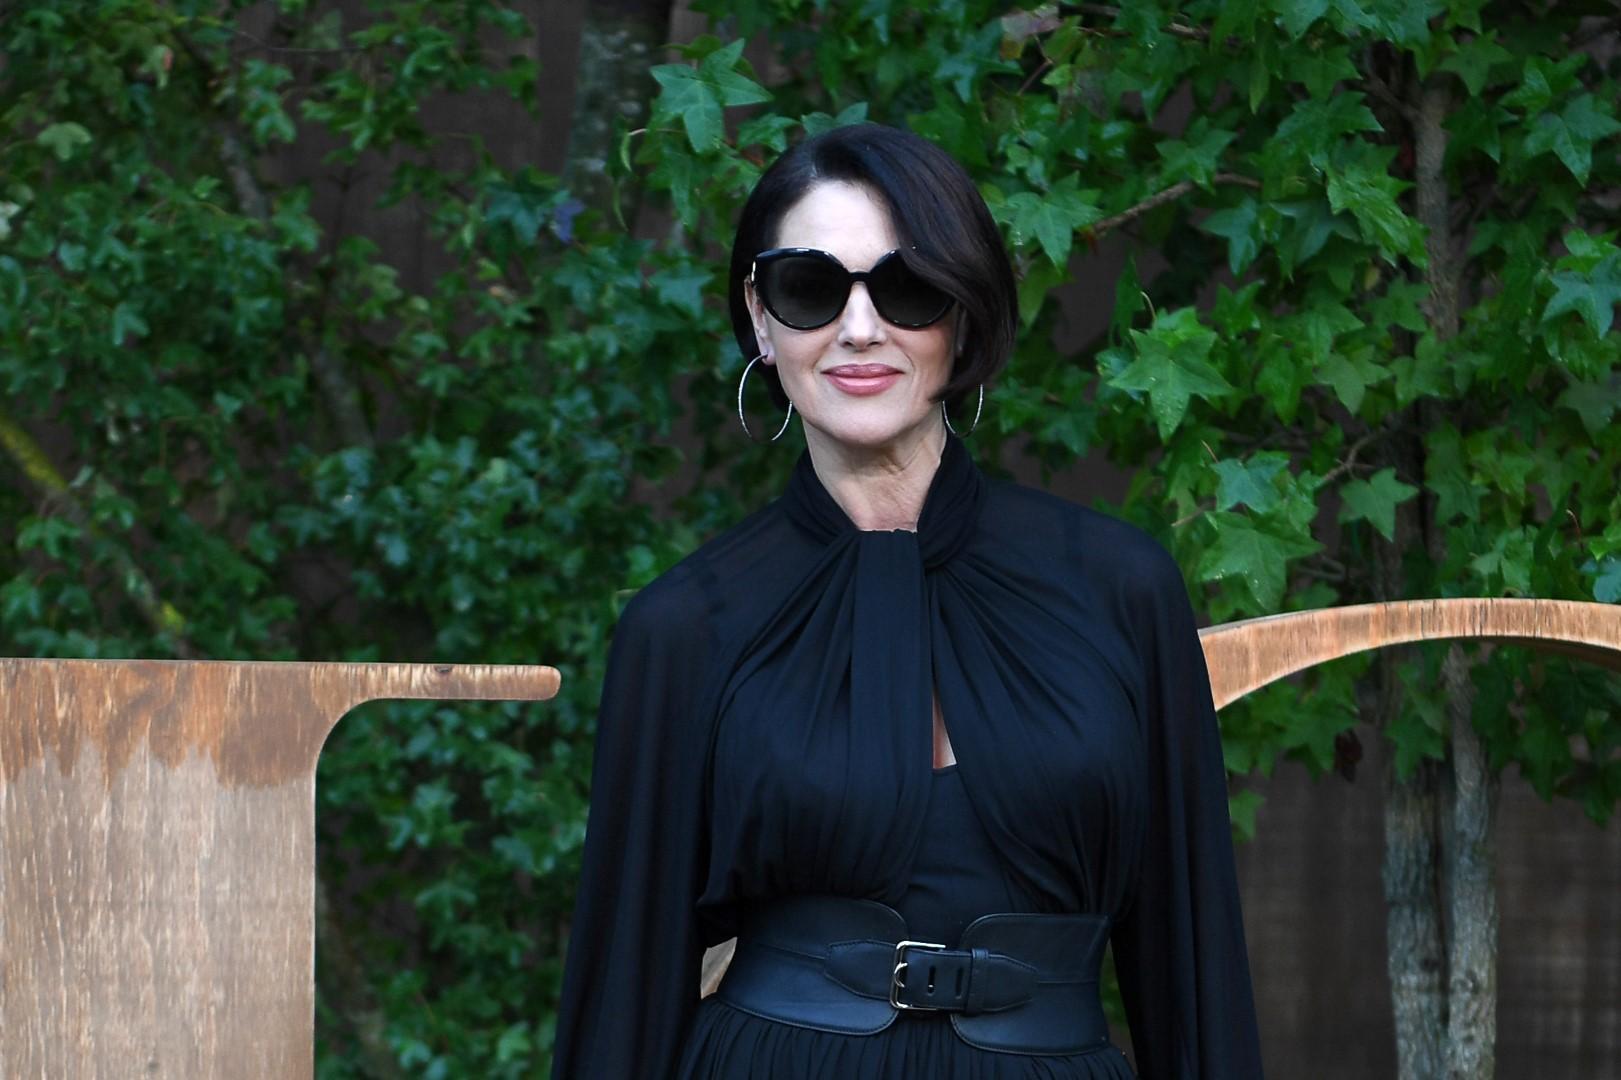 Il fascino che ha conquistato il mondo: Monica Bellucci compie 55 anni